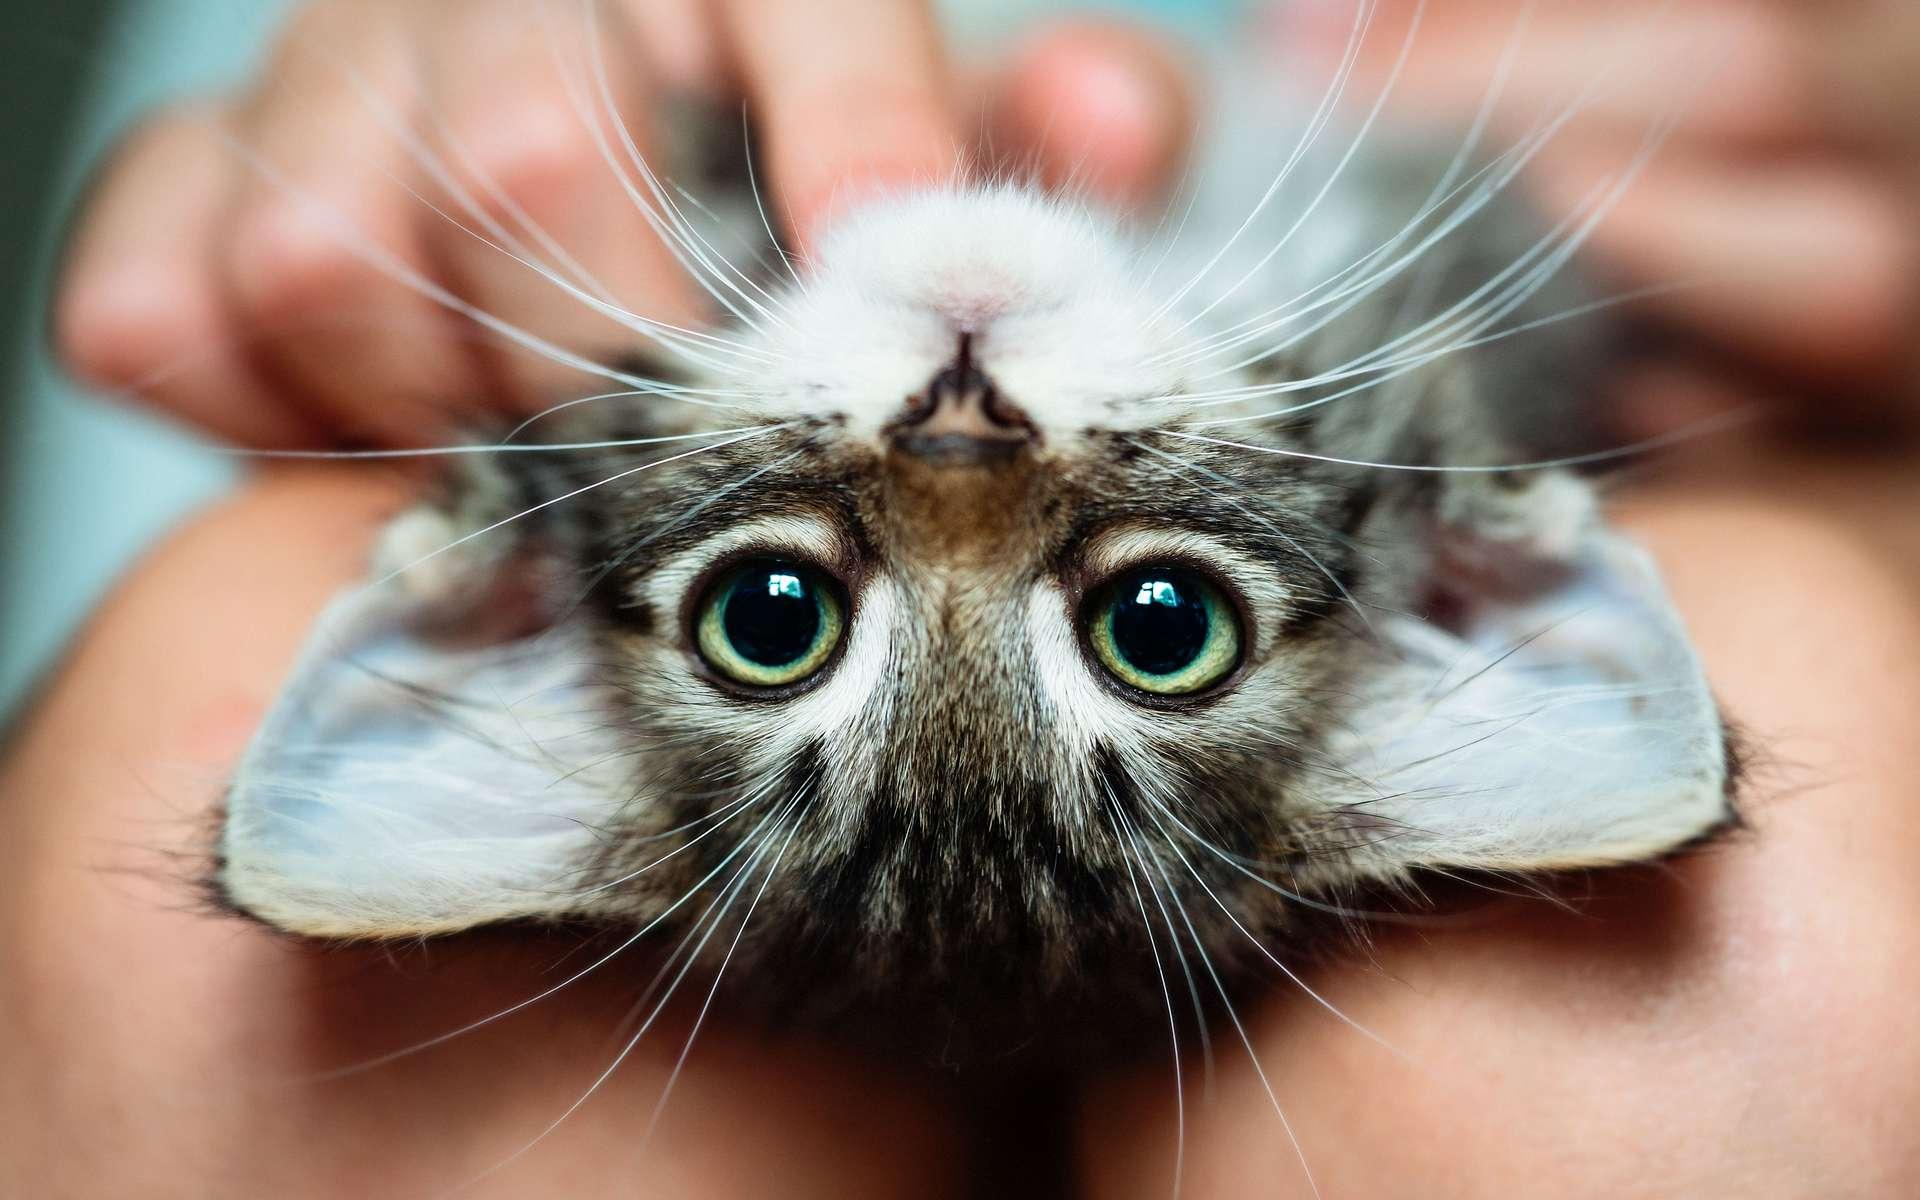 Il existe une cinquantaine de races de chat reconnues. © Uzhursky, Adobe Stock